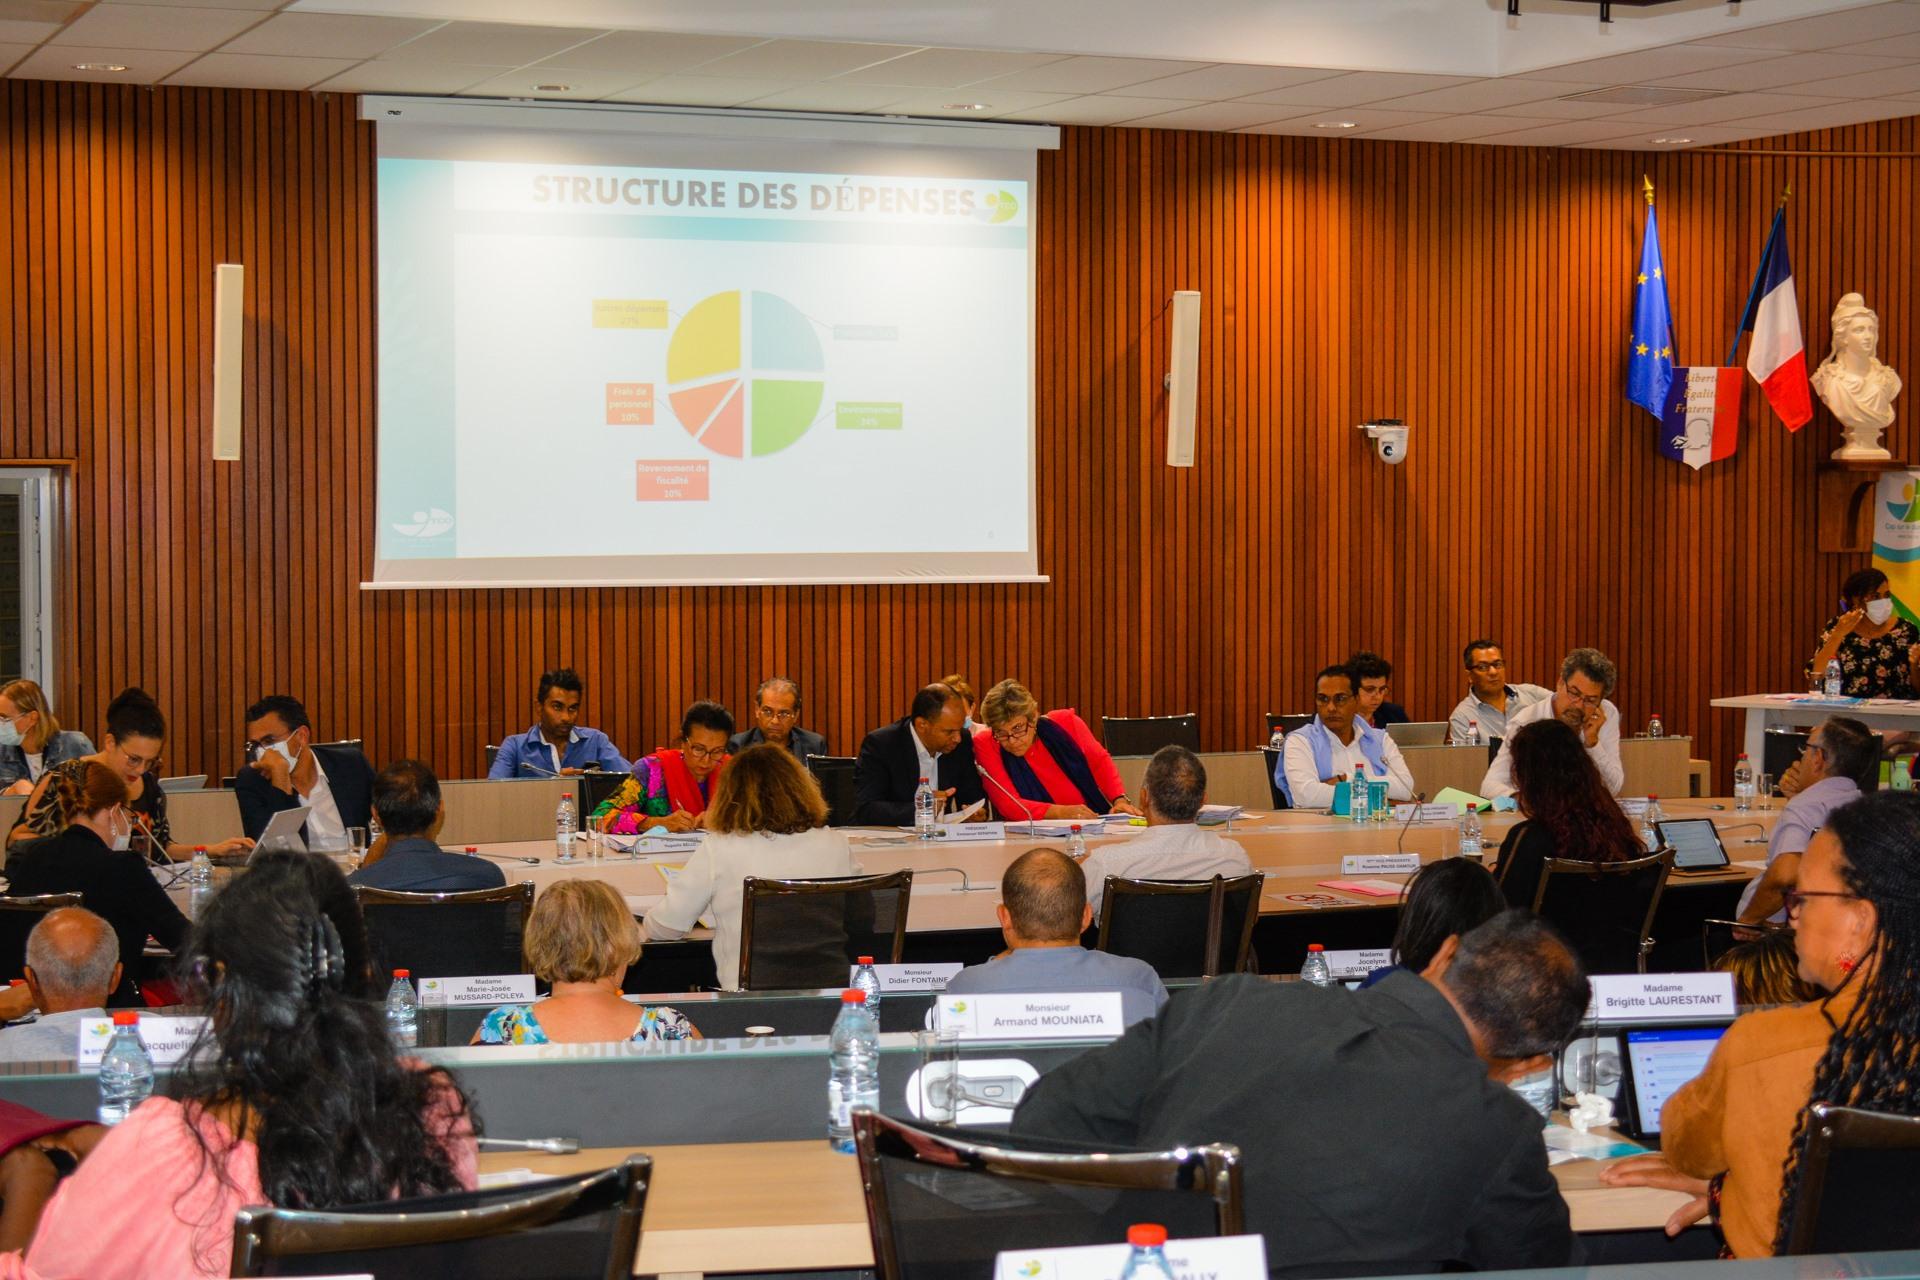 La Réunion : le Conseil communautaire du TCO valide un soutien exceptionnel aux entreprises impactées par la crise sanitaire